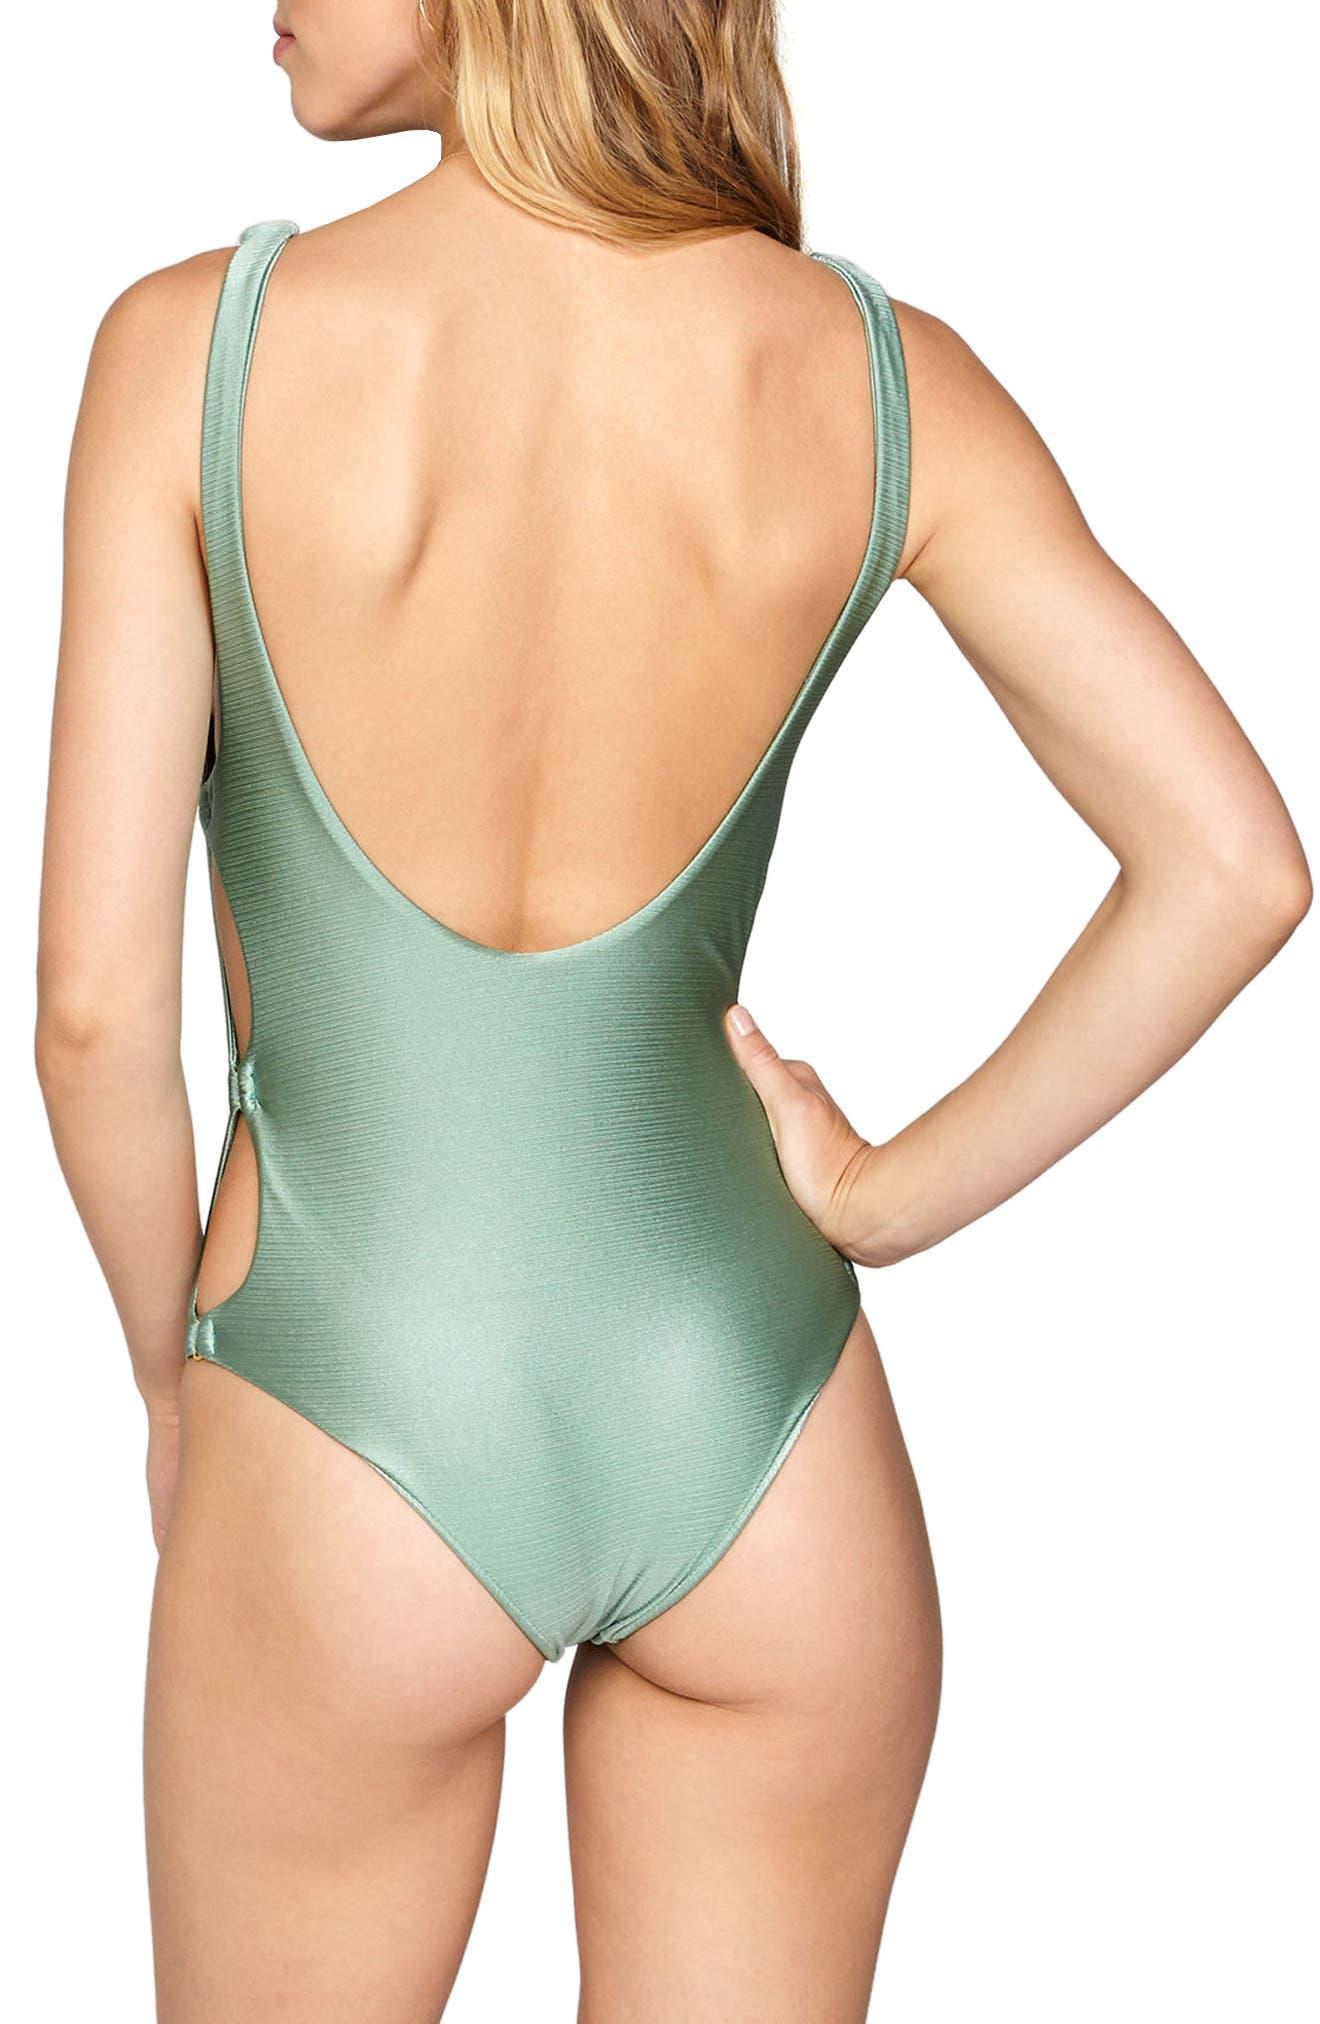 Estelle Cutout One-Piece Swimsuit,                             Alternate thumbnail 3, color,                             Sage